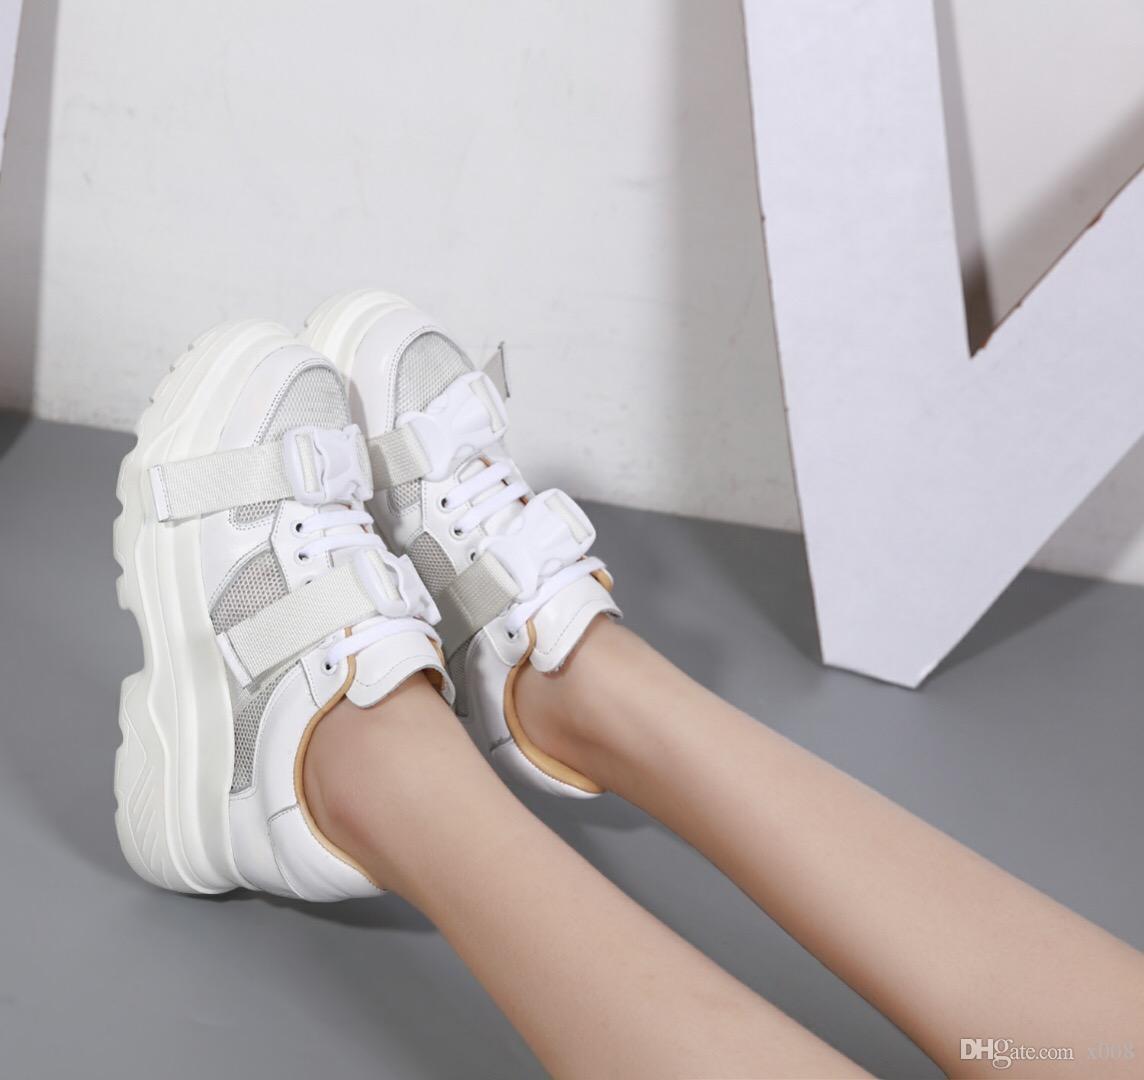 new products d2d47 affd0 2018 Nuove Donne Calde Sneakers Lace Up Della Piattaforma Donna Creepers  Scarpe Basse Casuali Femminili Scarpe Tenis Feminino Espadrillas